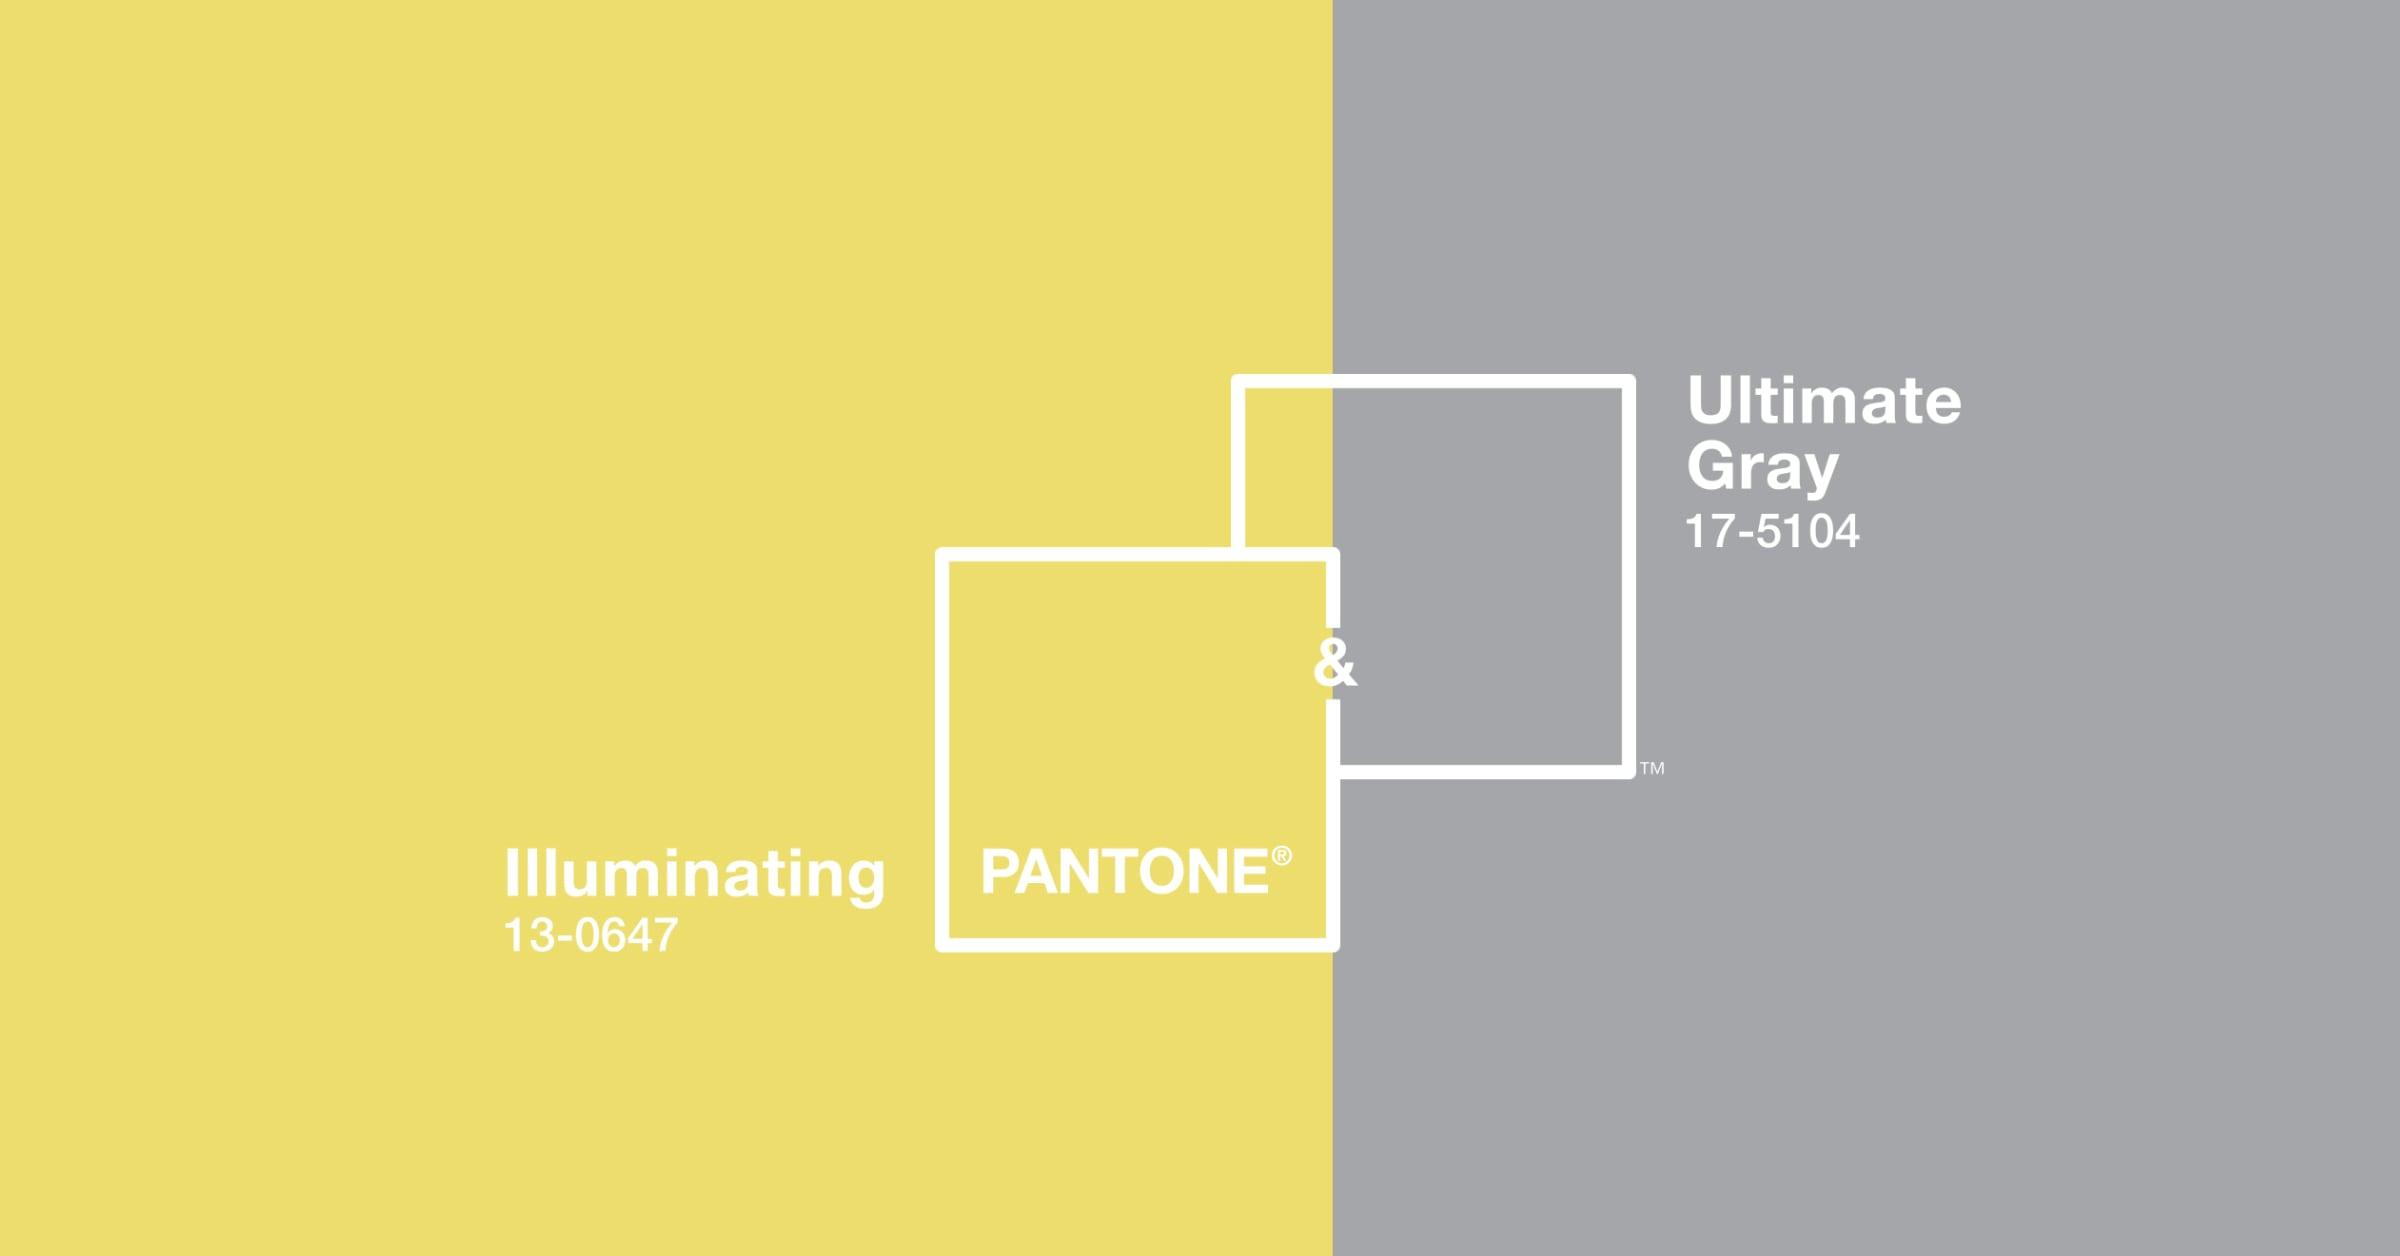 """""""Illuminating + Ultimate Gray"""" สี Pantone แห่งปี 2021  สื่อความหวัง-ความแข็งแกร่ง หลังผ่านวิกฤต"""